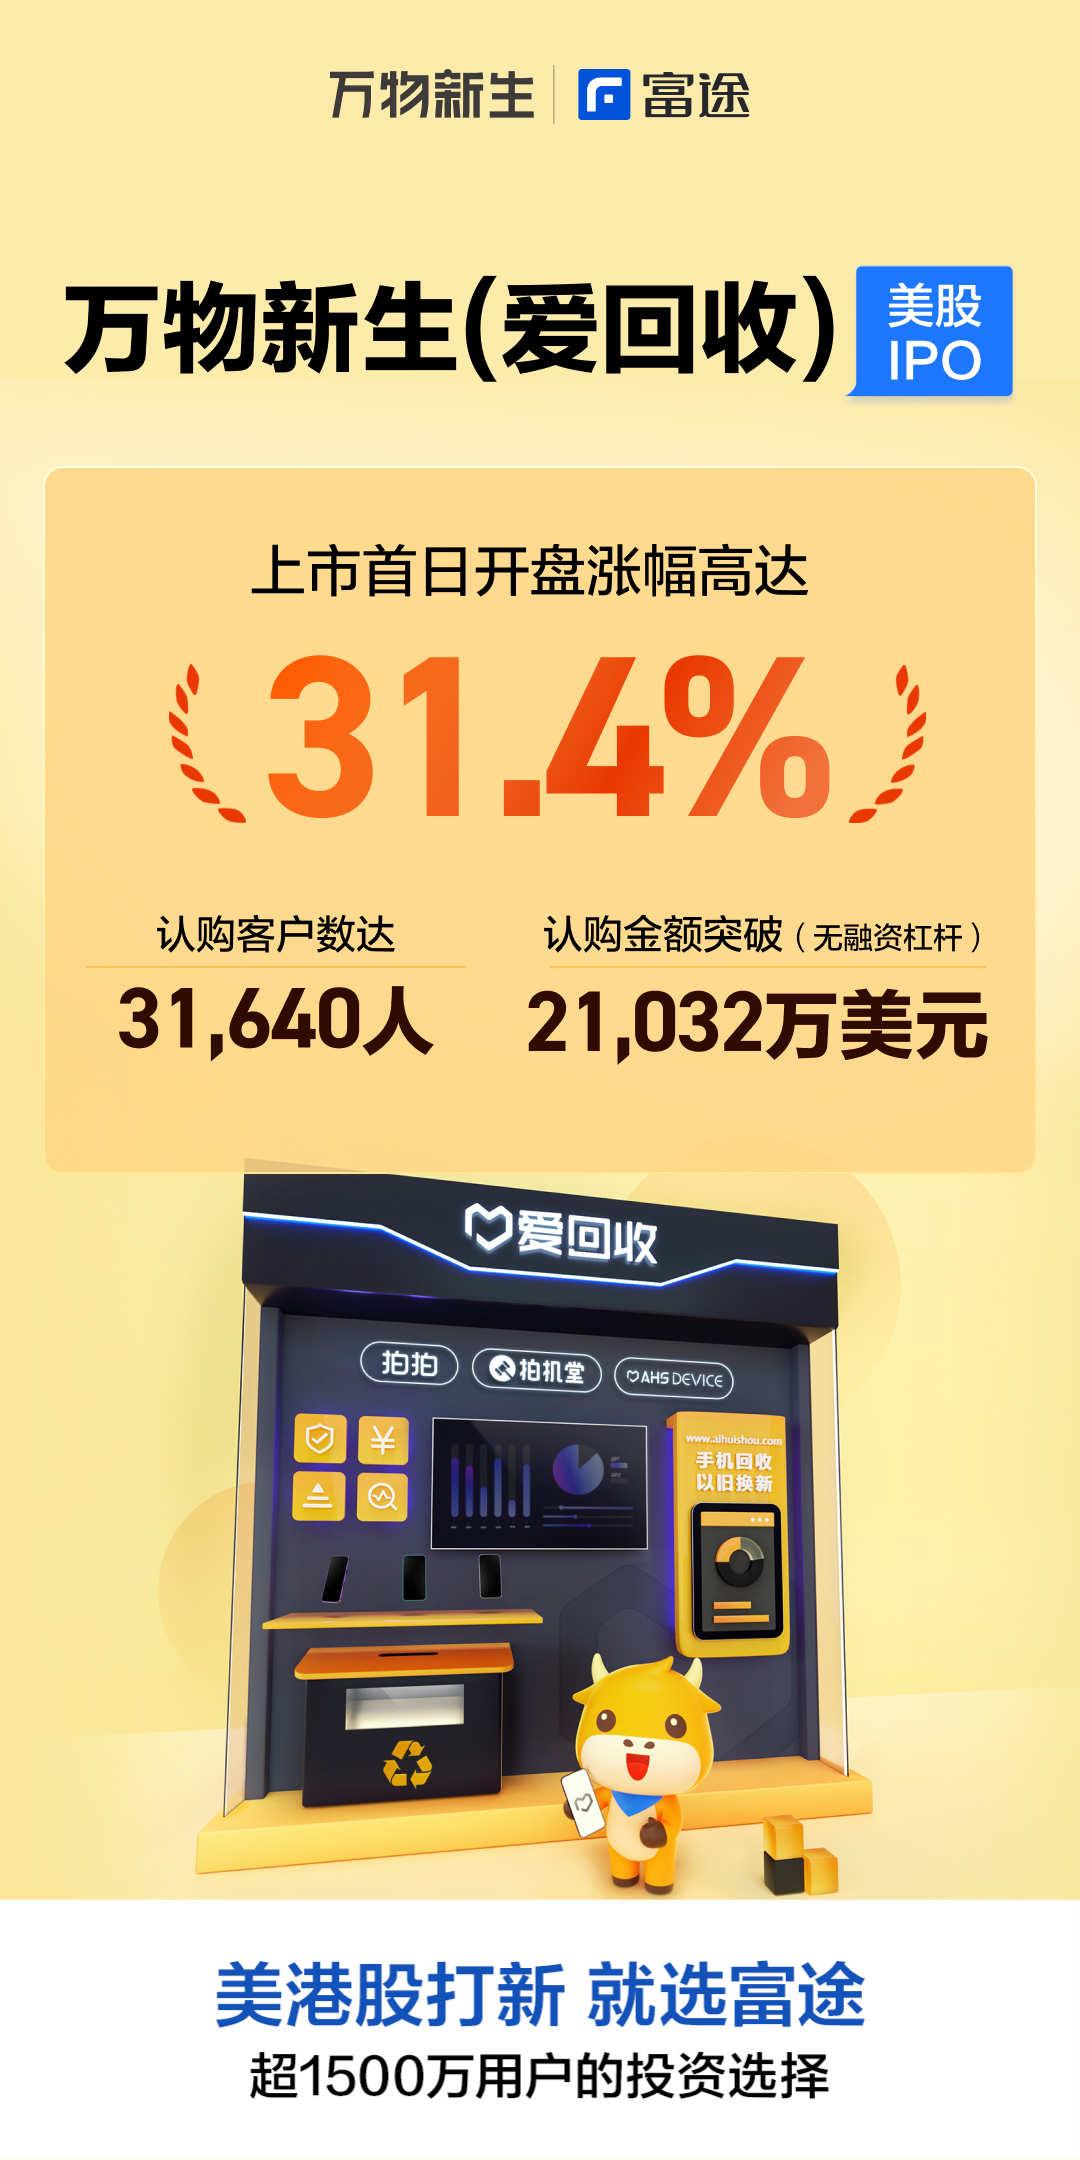 万物新生(爱回收)首挂涨超31%,富途认购客户数超3.1万人